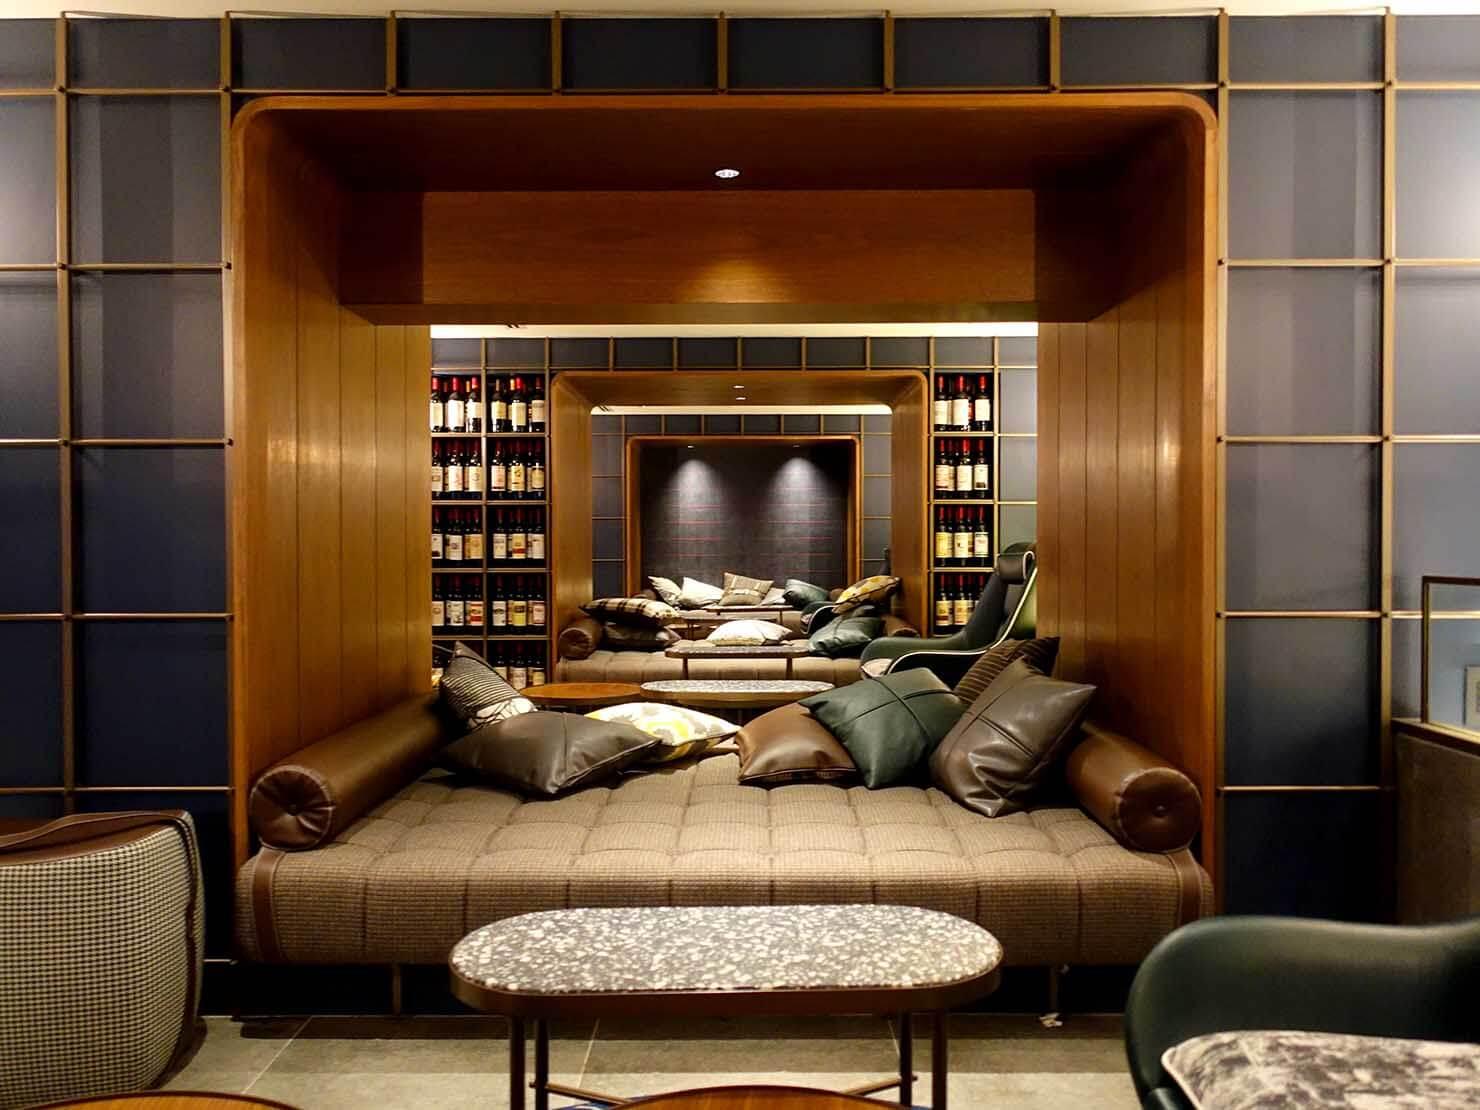 福岡・中洲川端にあるおしゃれなおすすめホテル「THE LIVELY」1Fロビーのソファ席